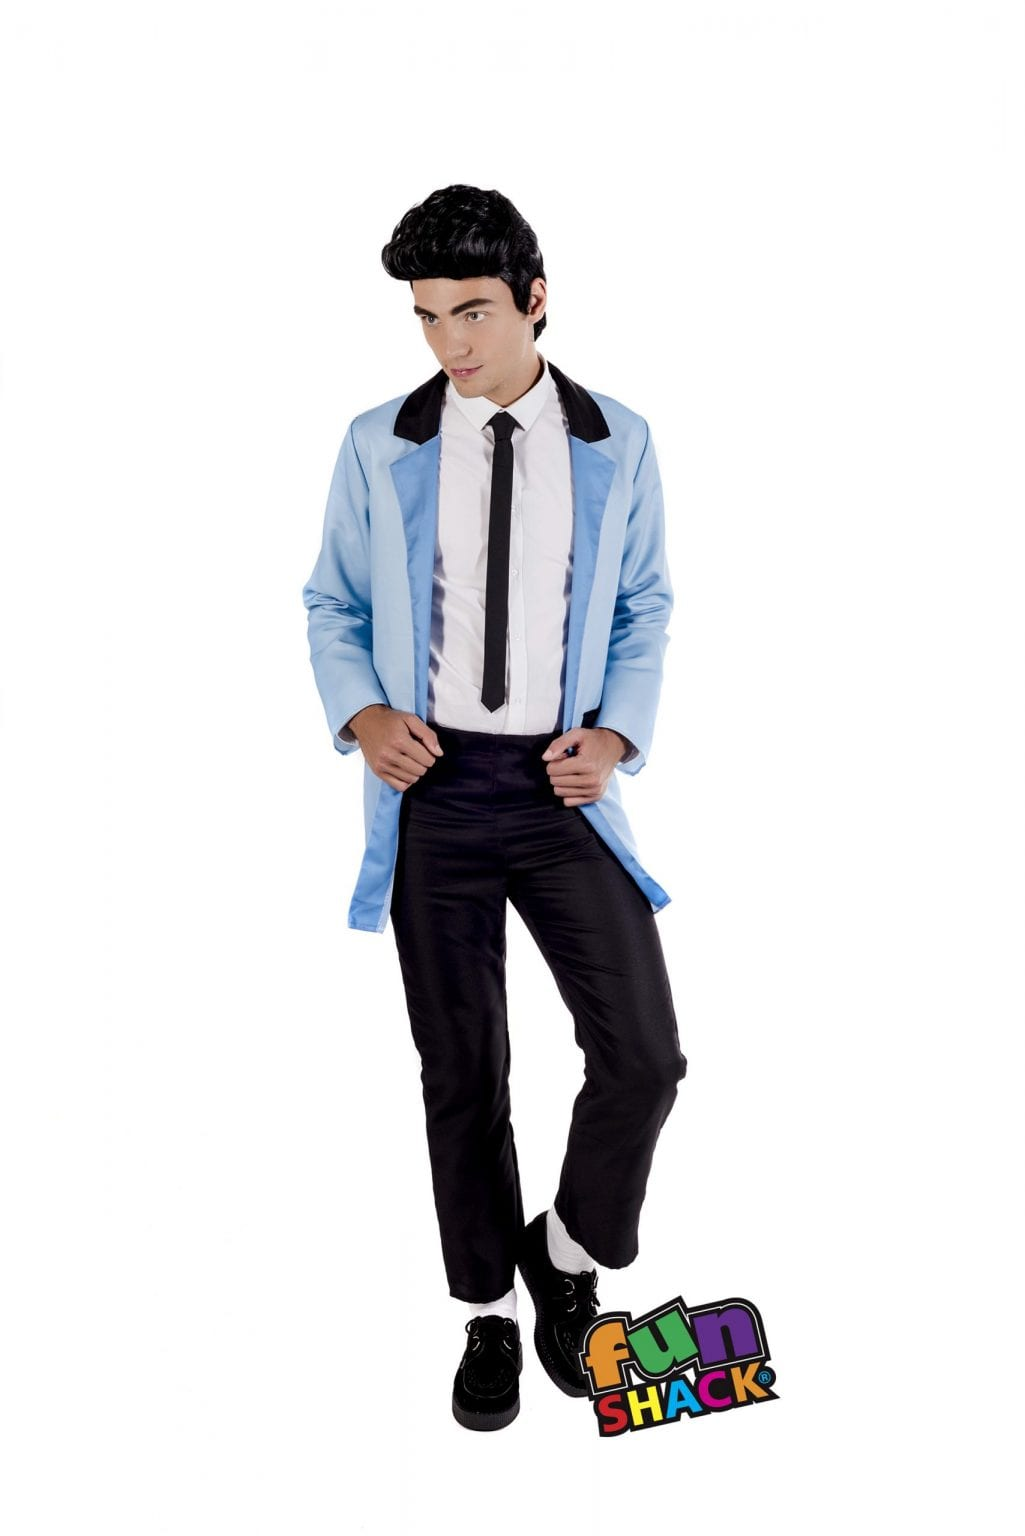 Teddy Boy Men's Fancy Dress Costume